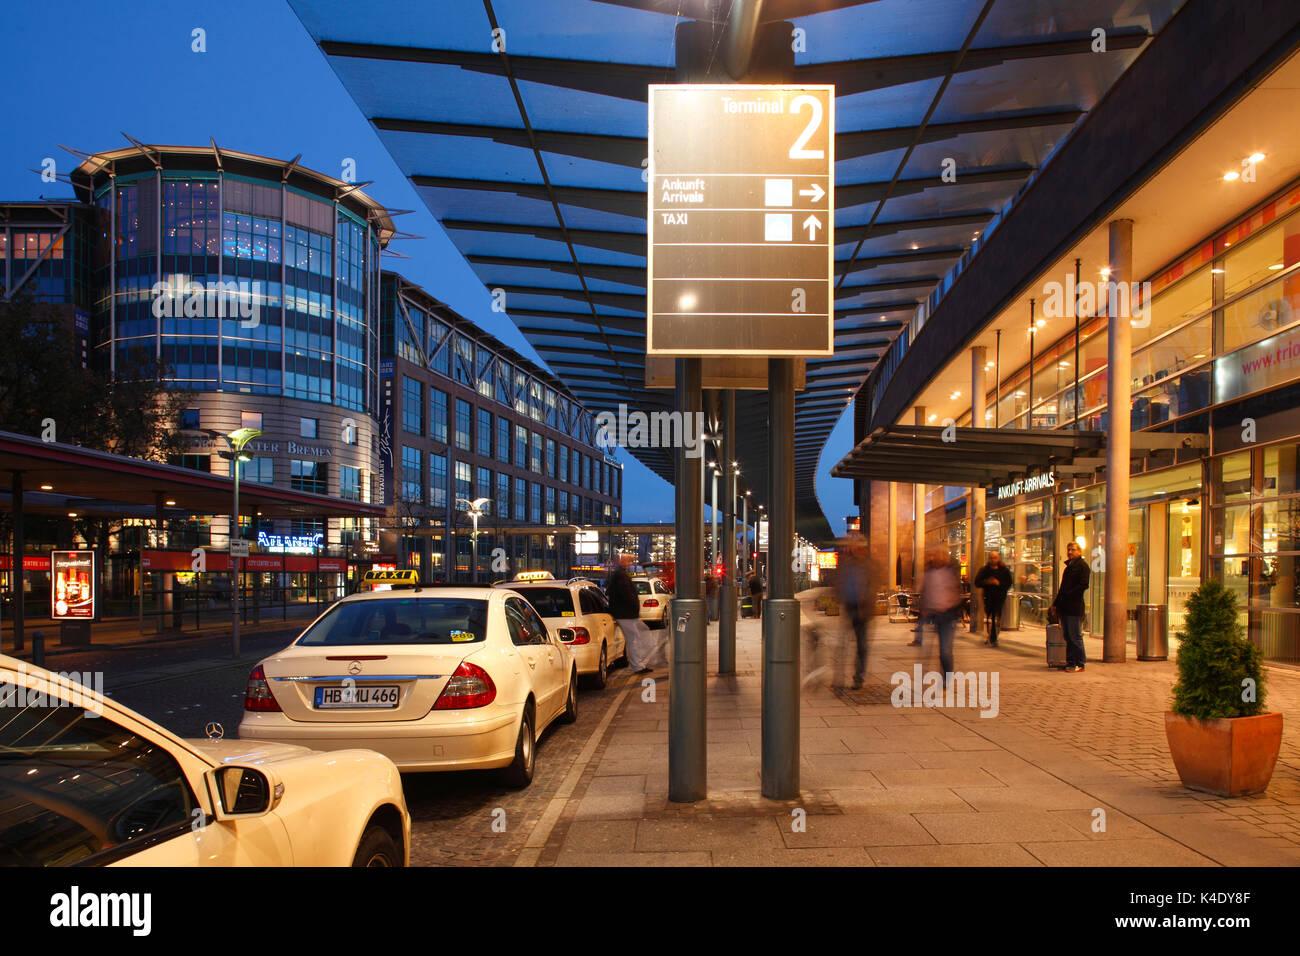 Flughafen Bremen, Eingangsbereich bei Abenddämmerung, Bremen, Deutschland, europa - Stock Image